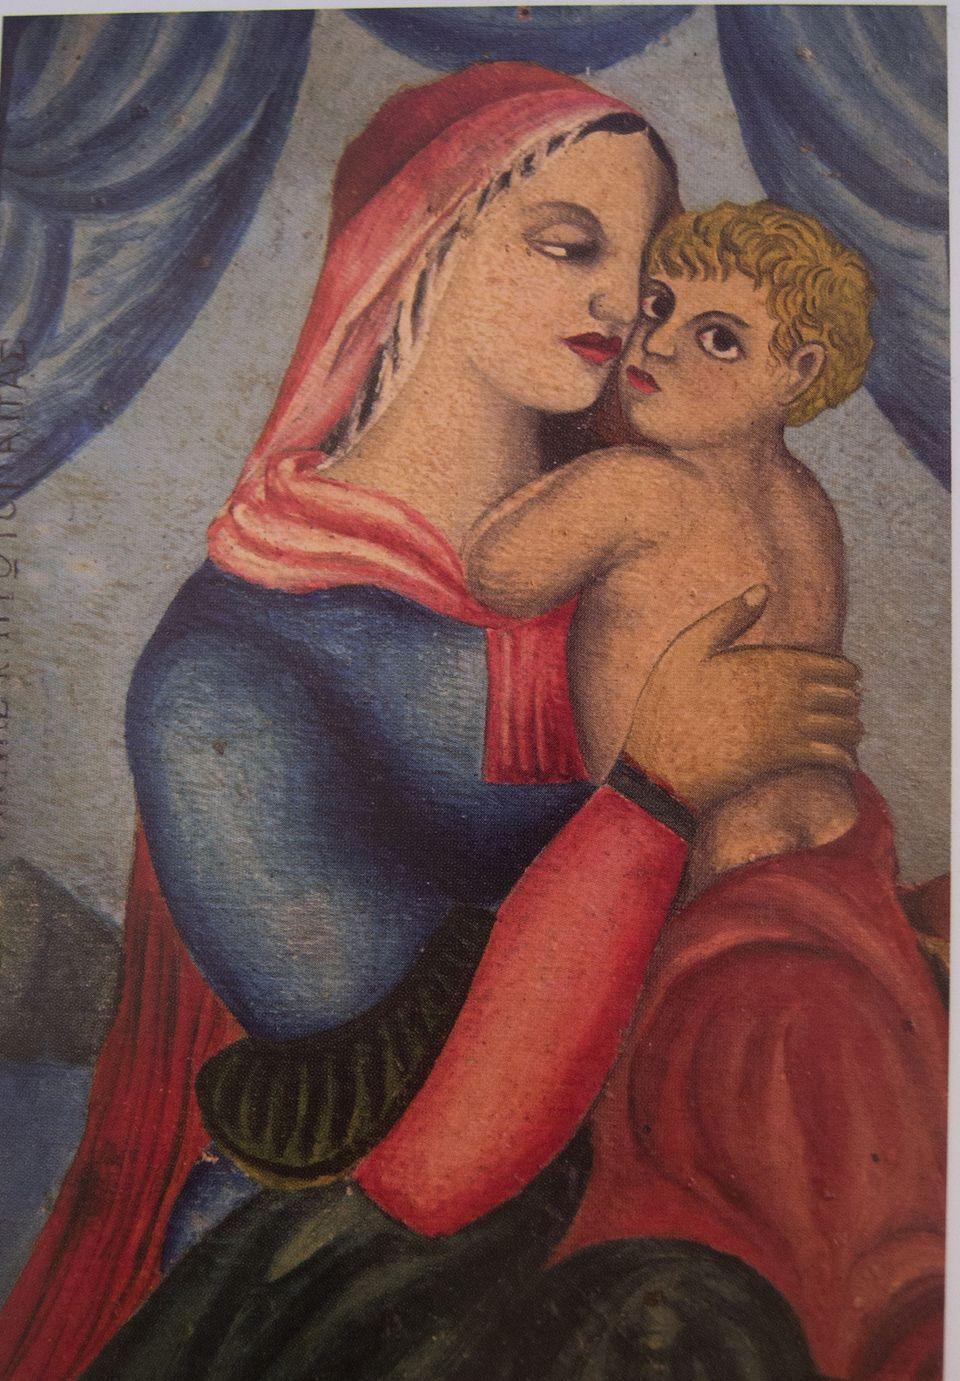 Παναγία και βρέφος, Εμμ. Ν. Παπαμανώλη, ιδ. συλλογή Κωστή Μ.